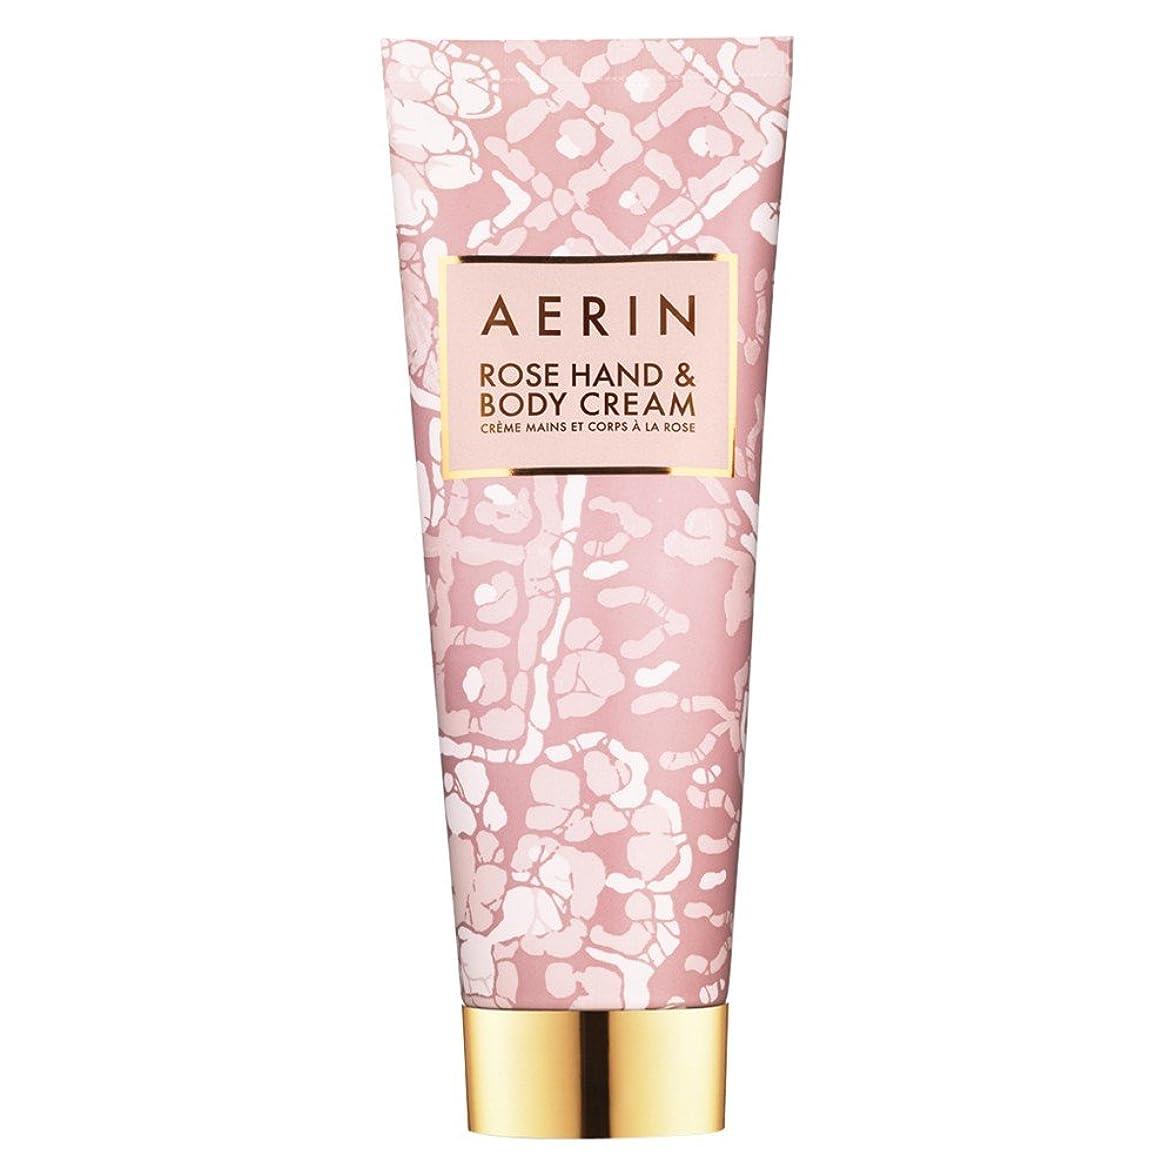 カテナ安心させる寄付するAerinはハンド&ボディクリーム125ミリリットルをバラ (AERIN) - AERIN Rose Hand & Body Cream 125ml [並行輸入品]